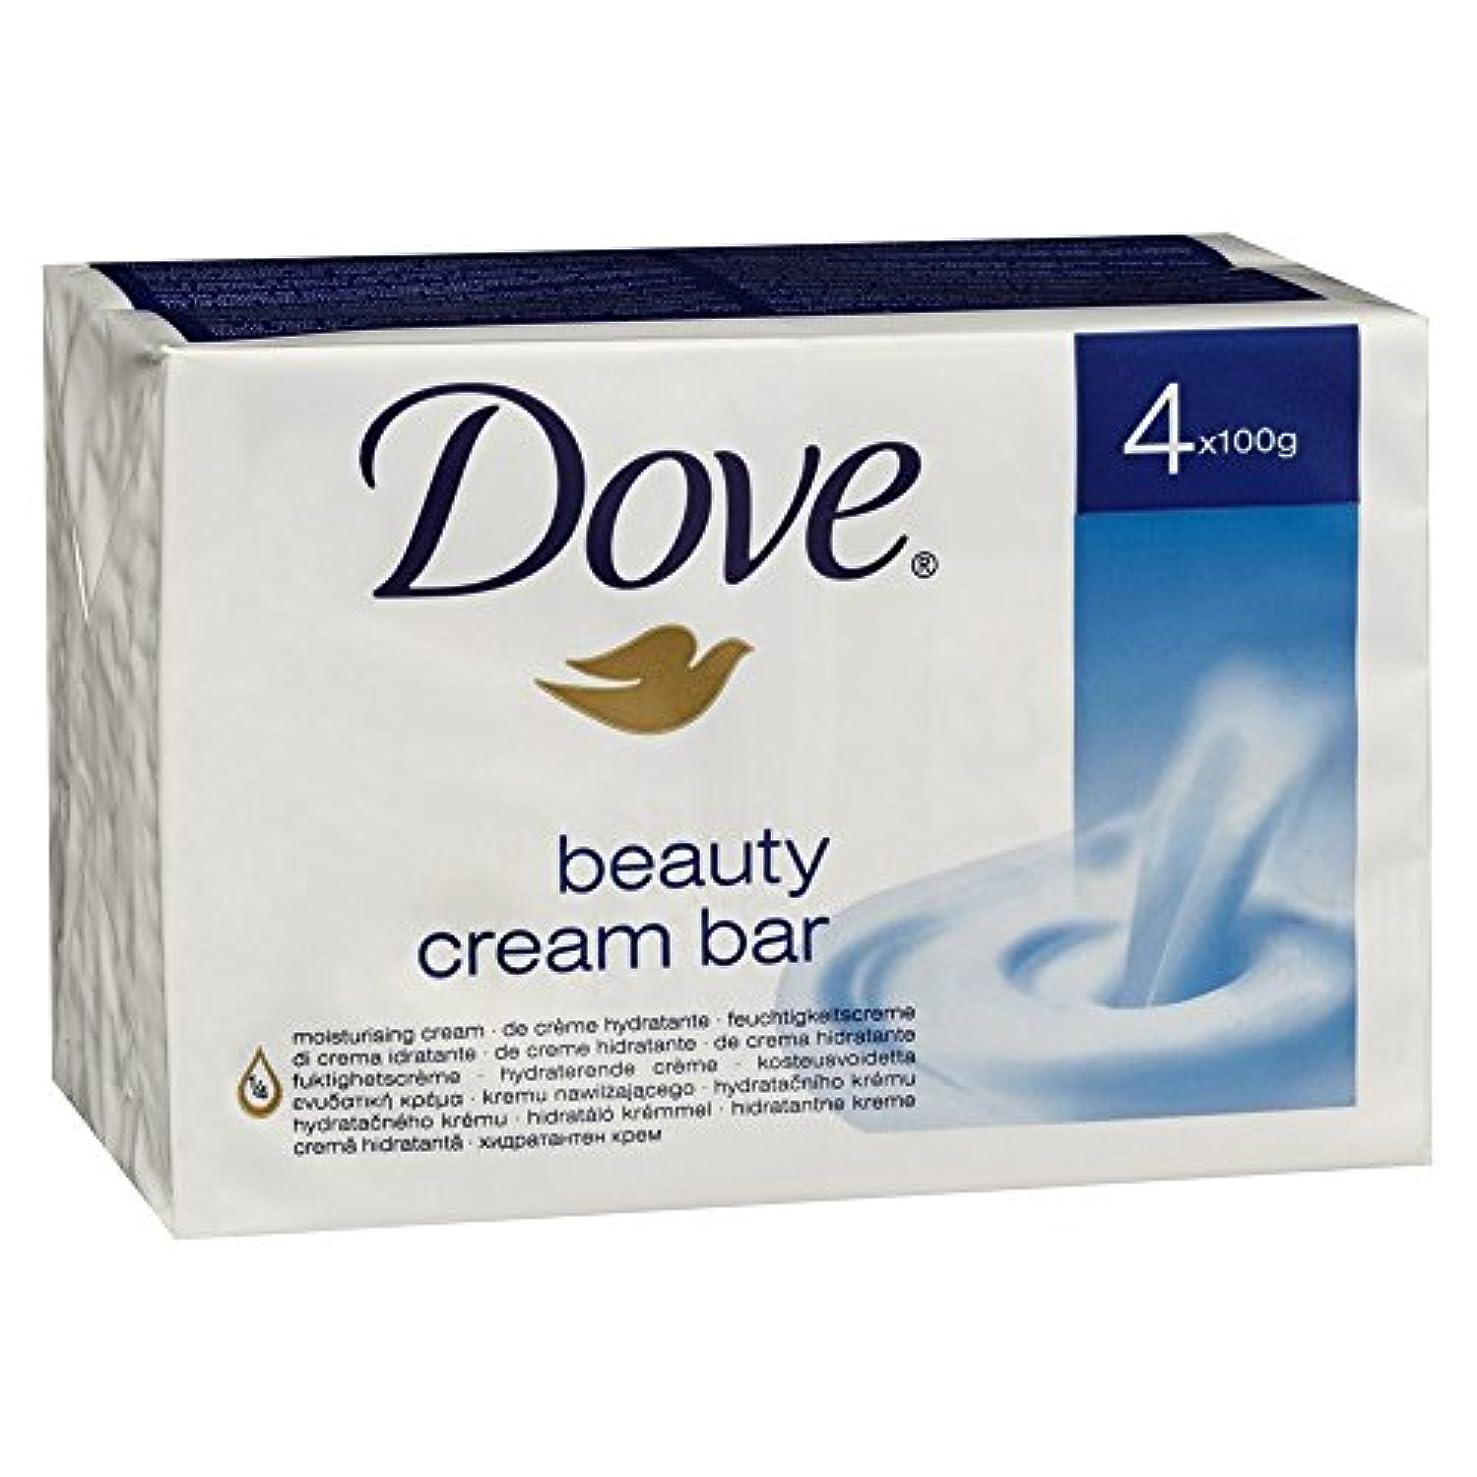 名前でまもなく安いですDove どこ美容クリームバー石鹸4x100g